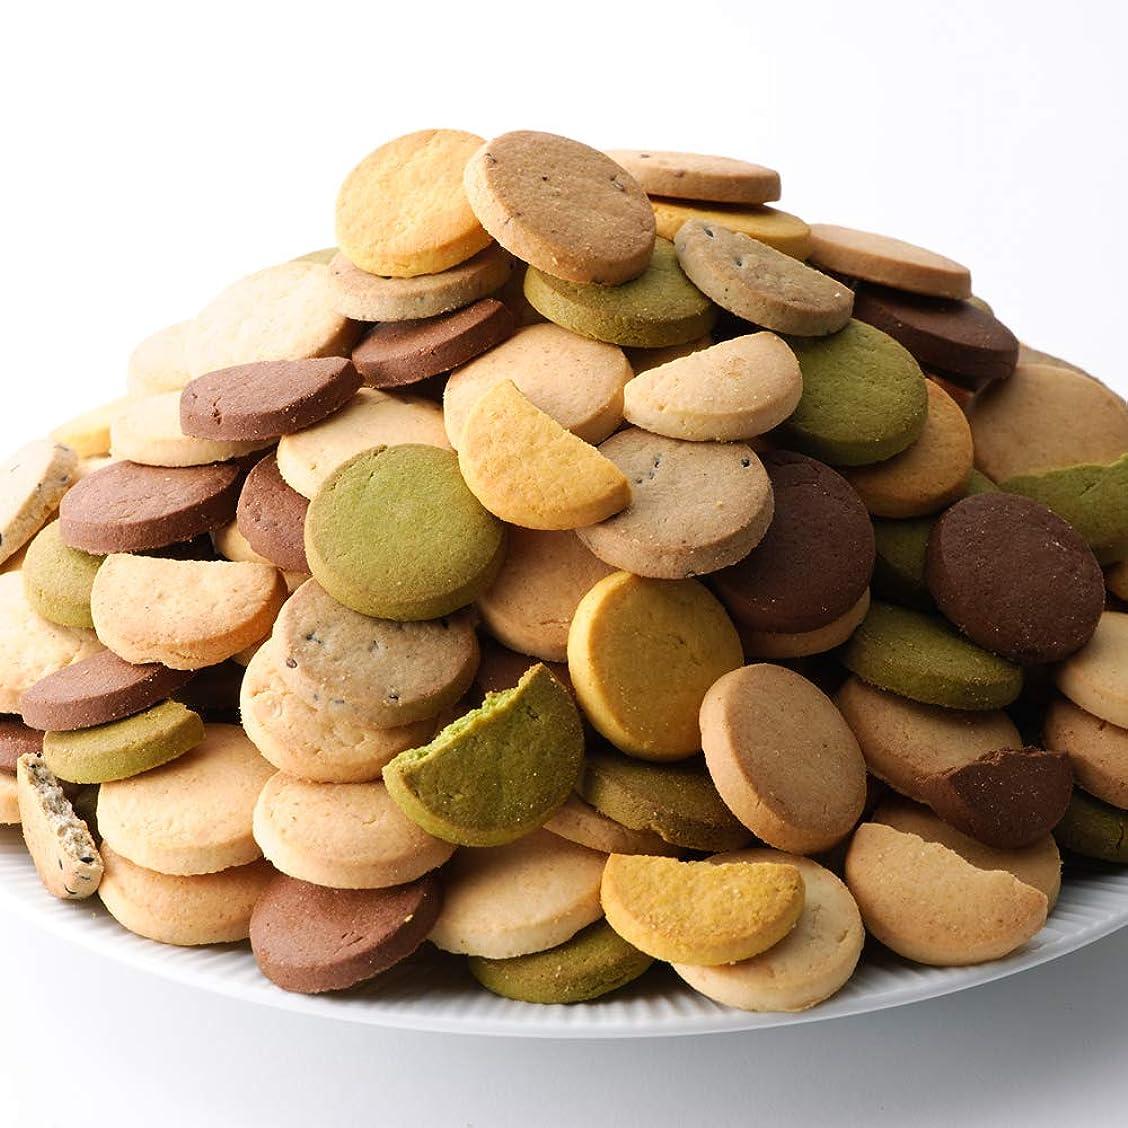 マニュアル疲労加害者【10個セット】ドクターズ チョコレート ノンシュガーダーク 30g